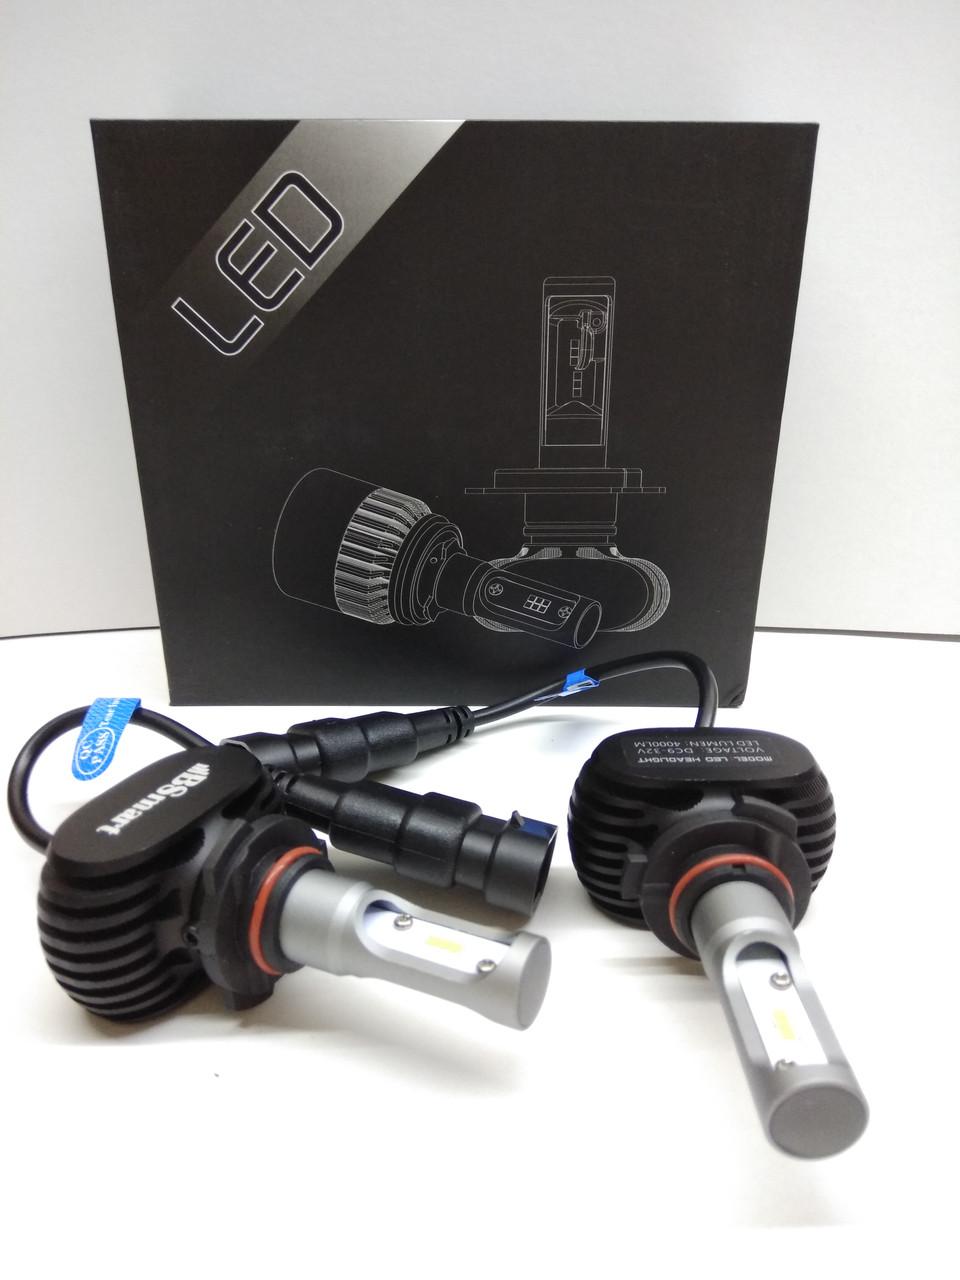 Автолампы LED S1 CSP(Южная Корея), HB3 (9005), 8000LM, 50W, 9-32V